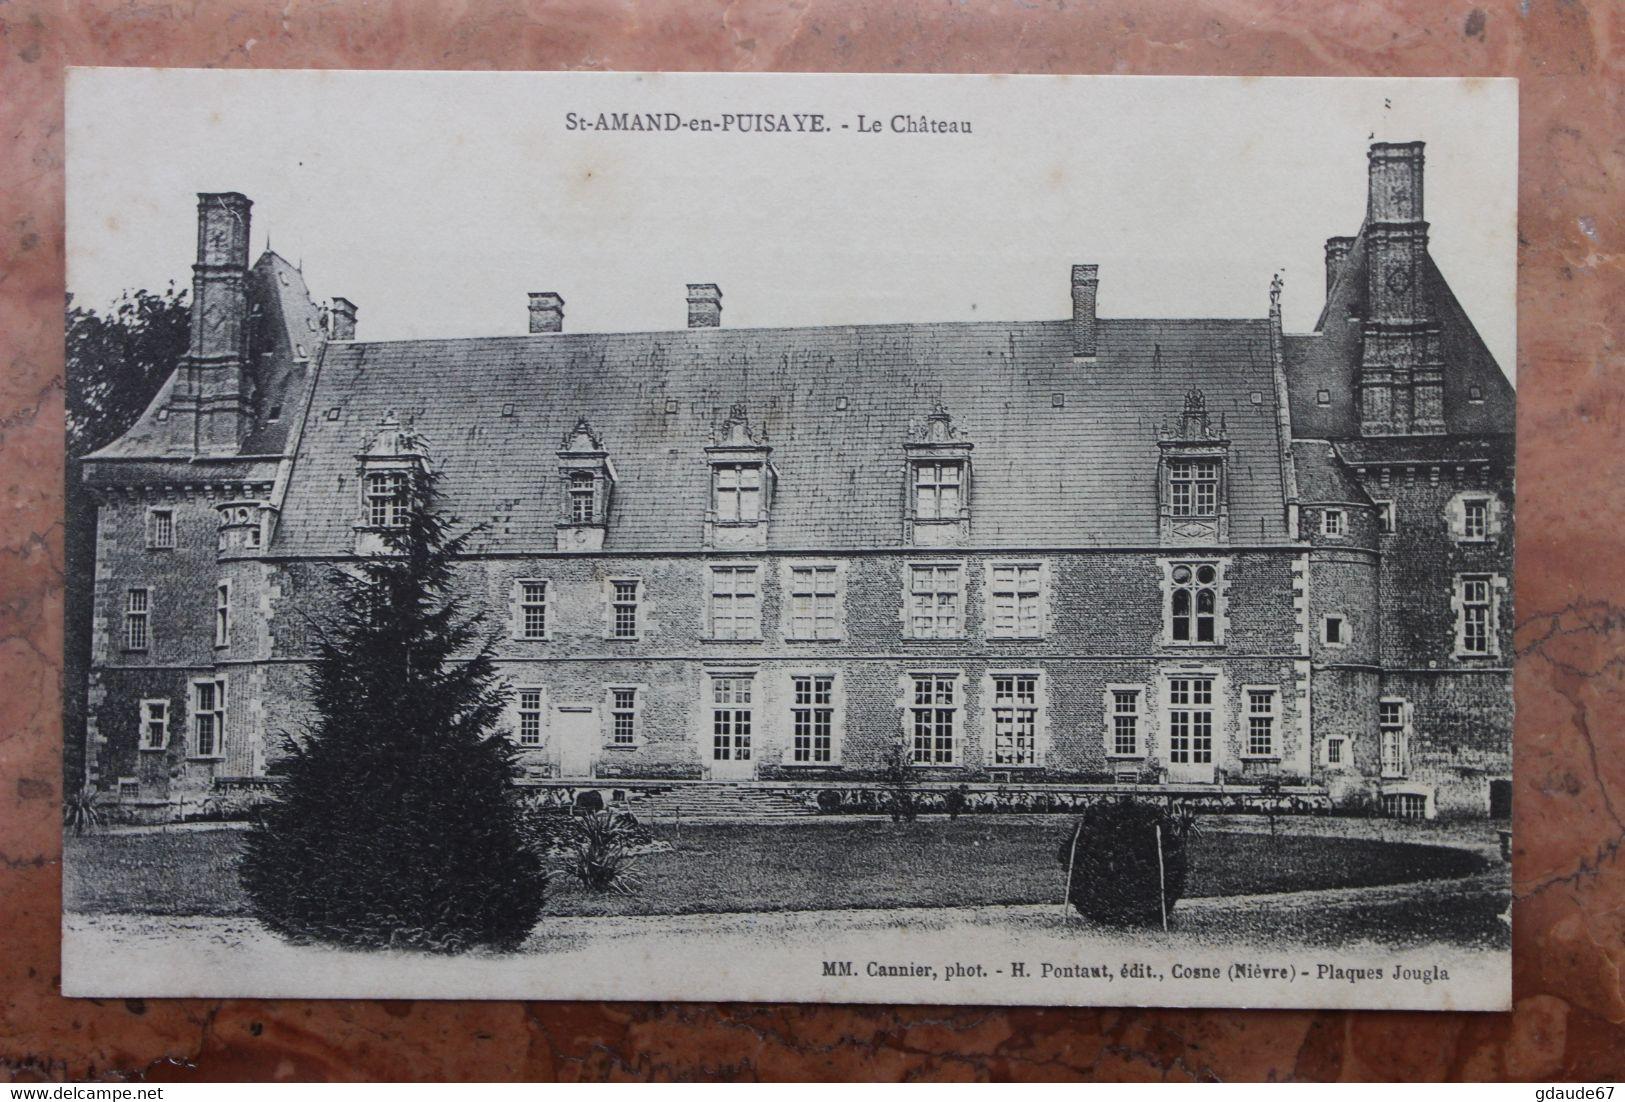 SAINT-AMAND-EN-PUISAYE (58) - LE CHATEAU - Saint-Amand-en-Puisaye